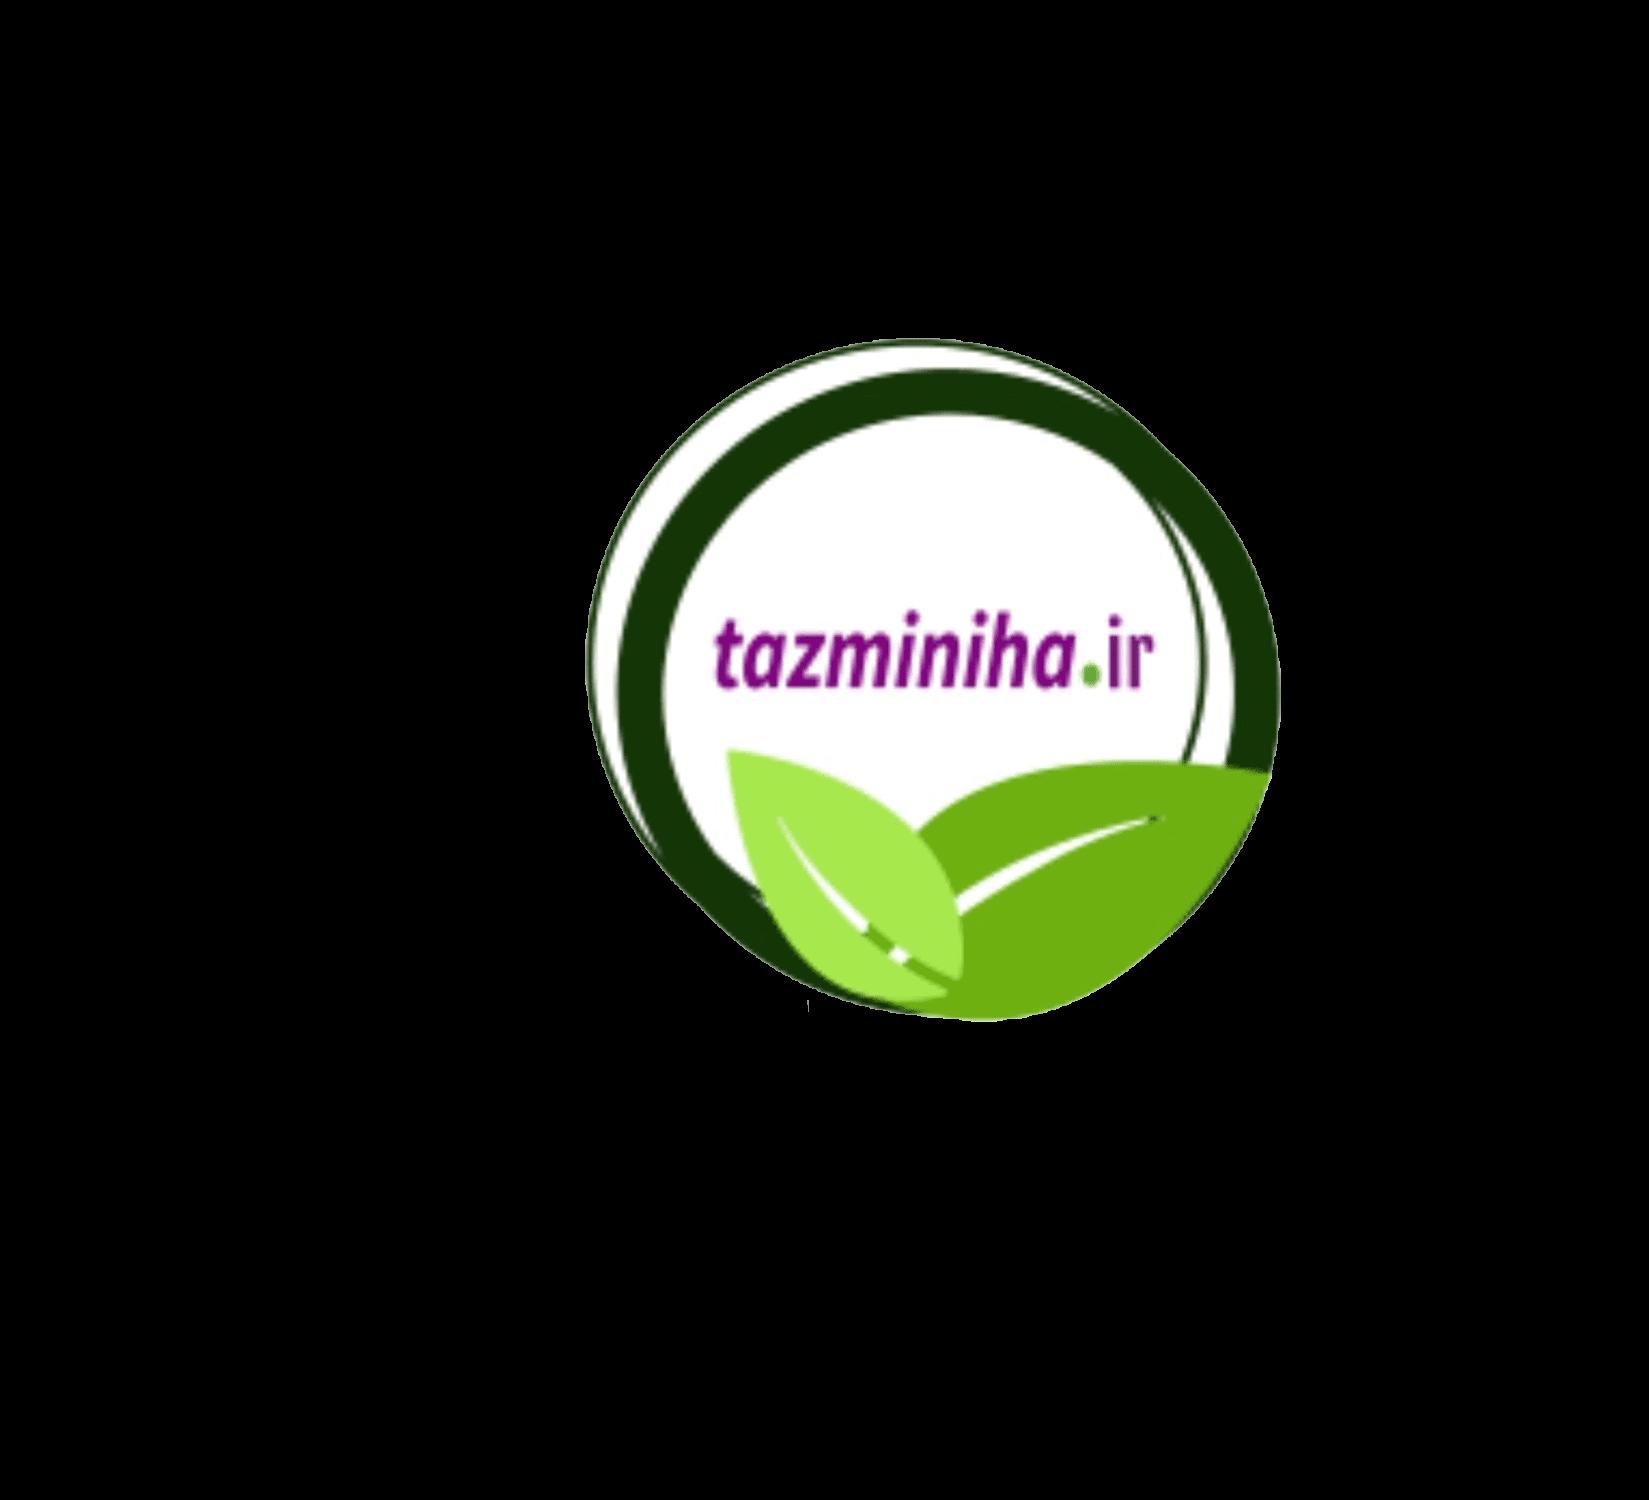 tazminiha